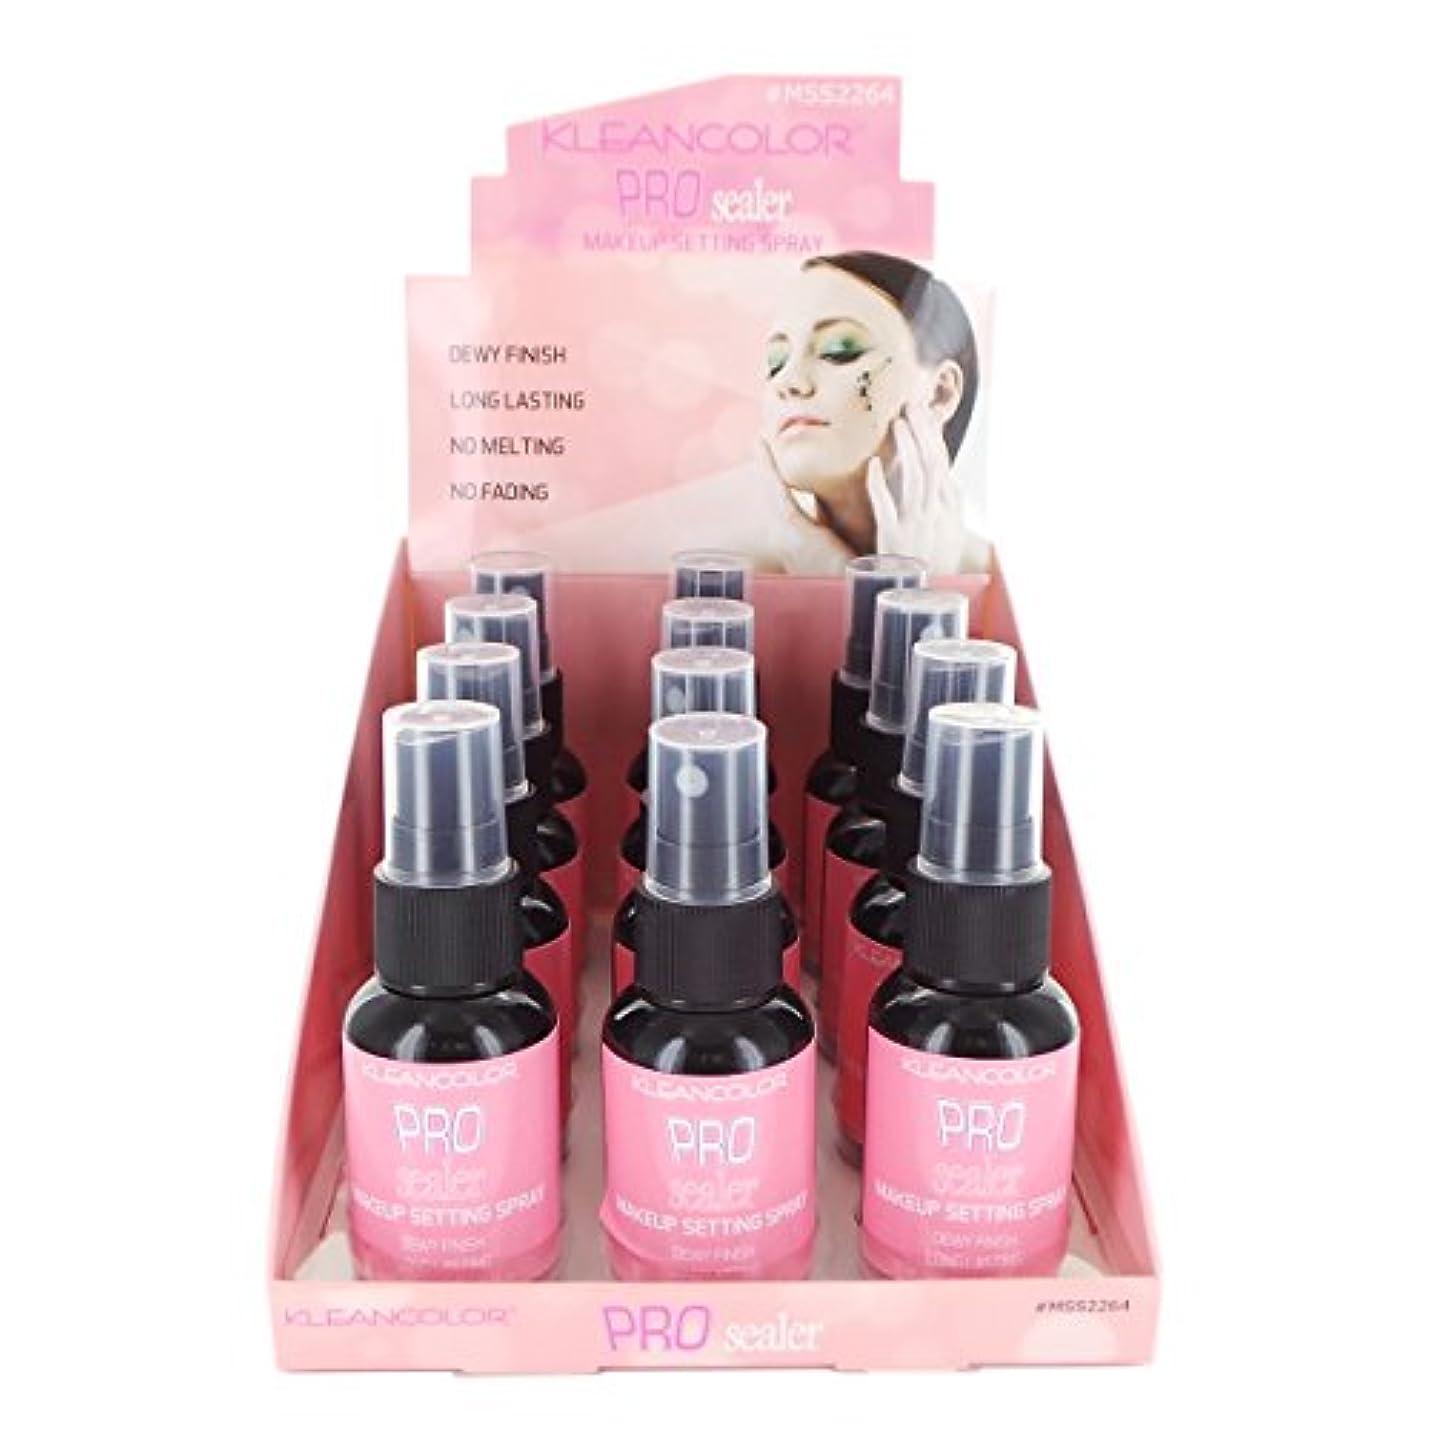 病者驚メロディアスKLEANCOLOR Pro Sealer Makeup Setting Spray Display Set, 12 Pieces (並行輸入品)